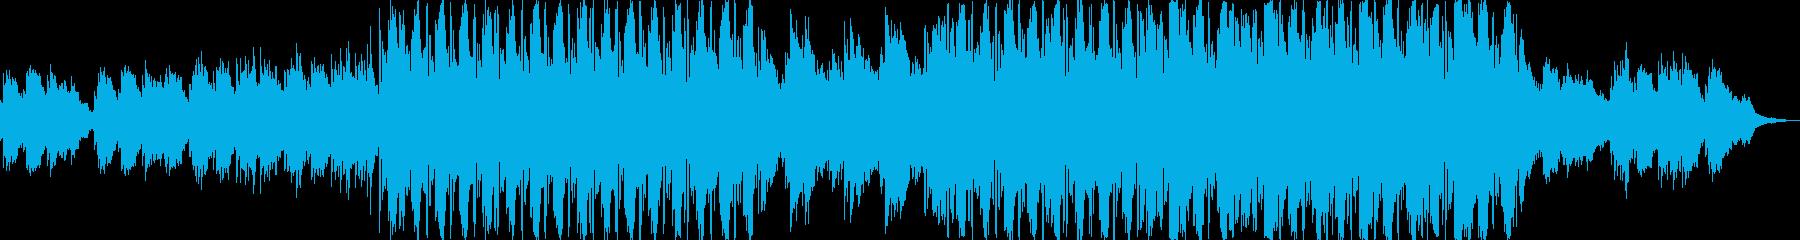 ポップ 感情的 説明的 静か クー...の再生済みの波形